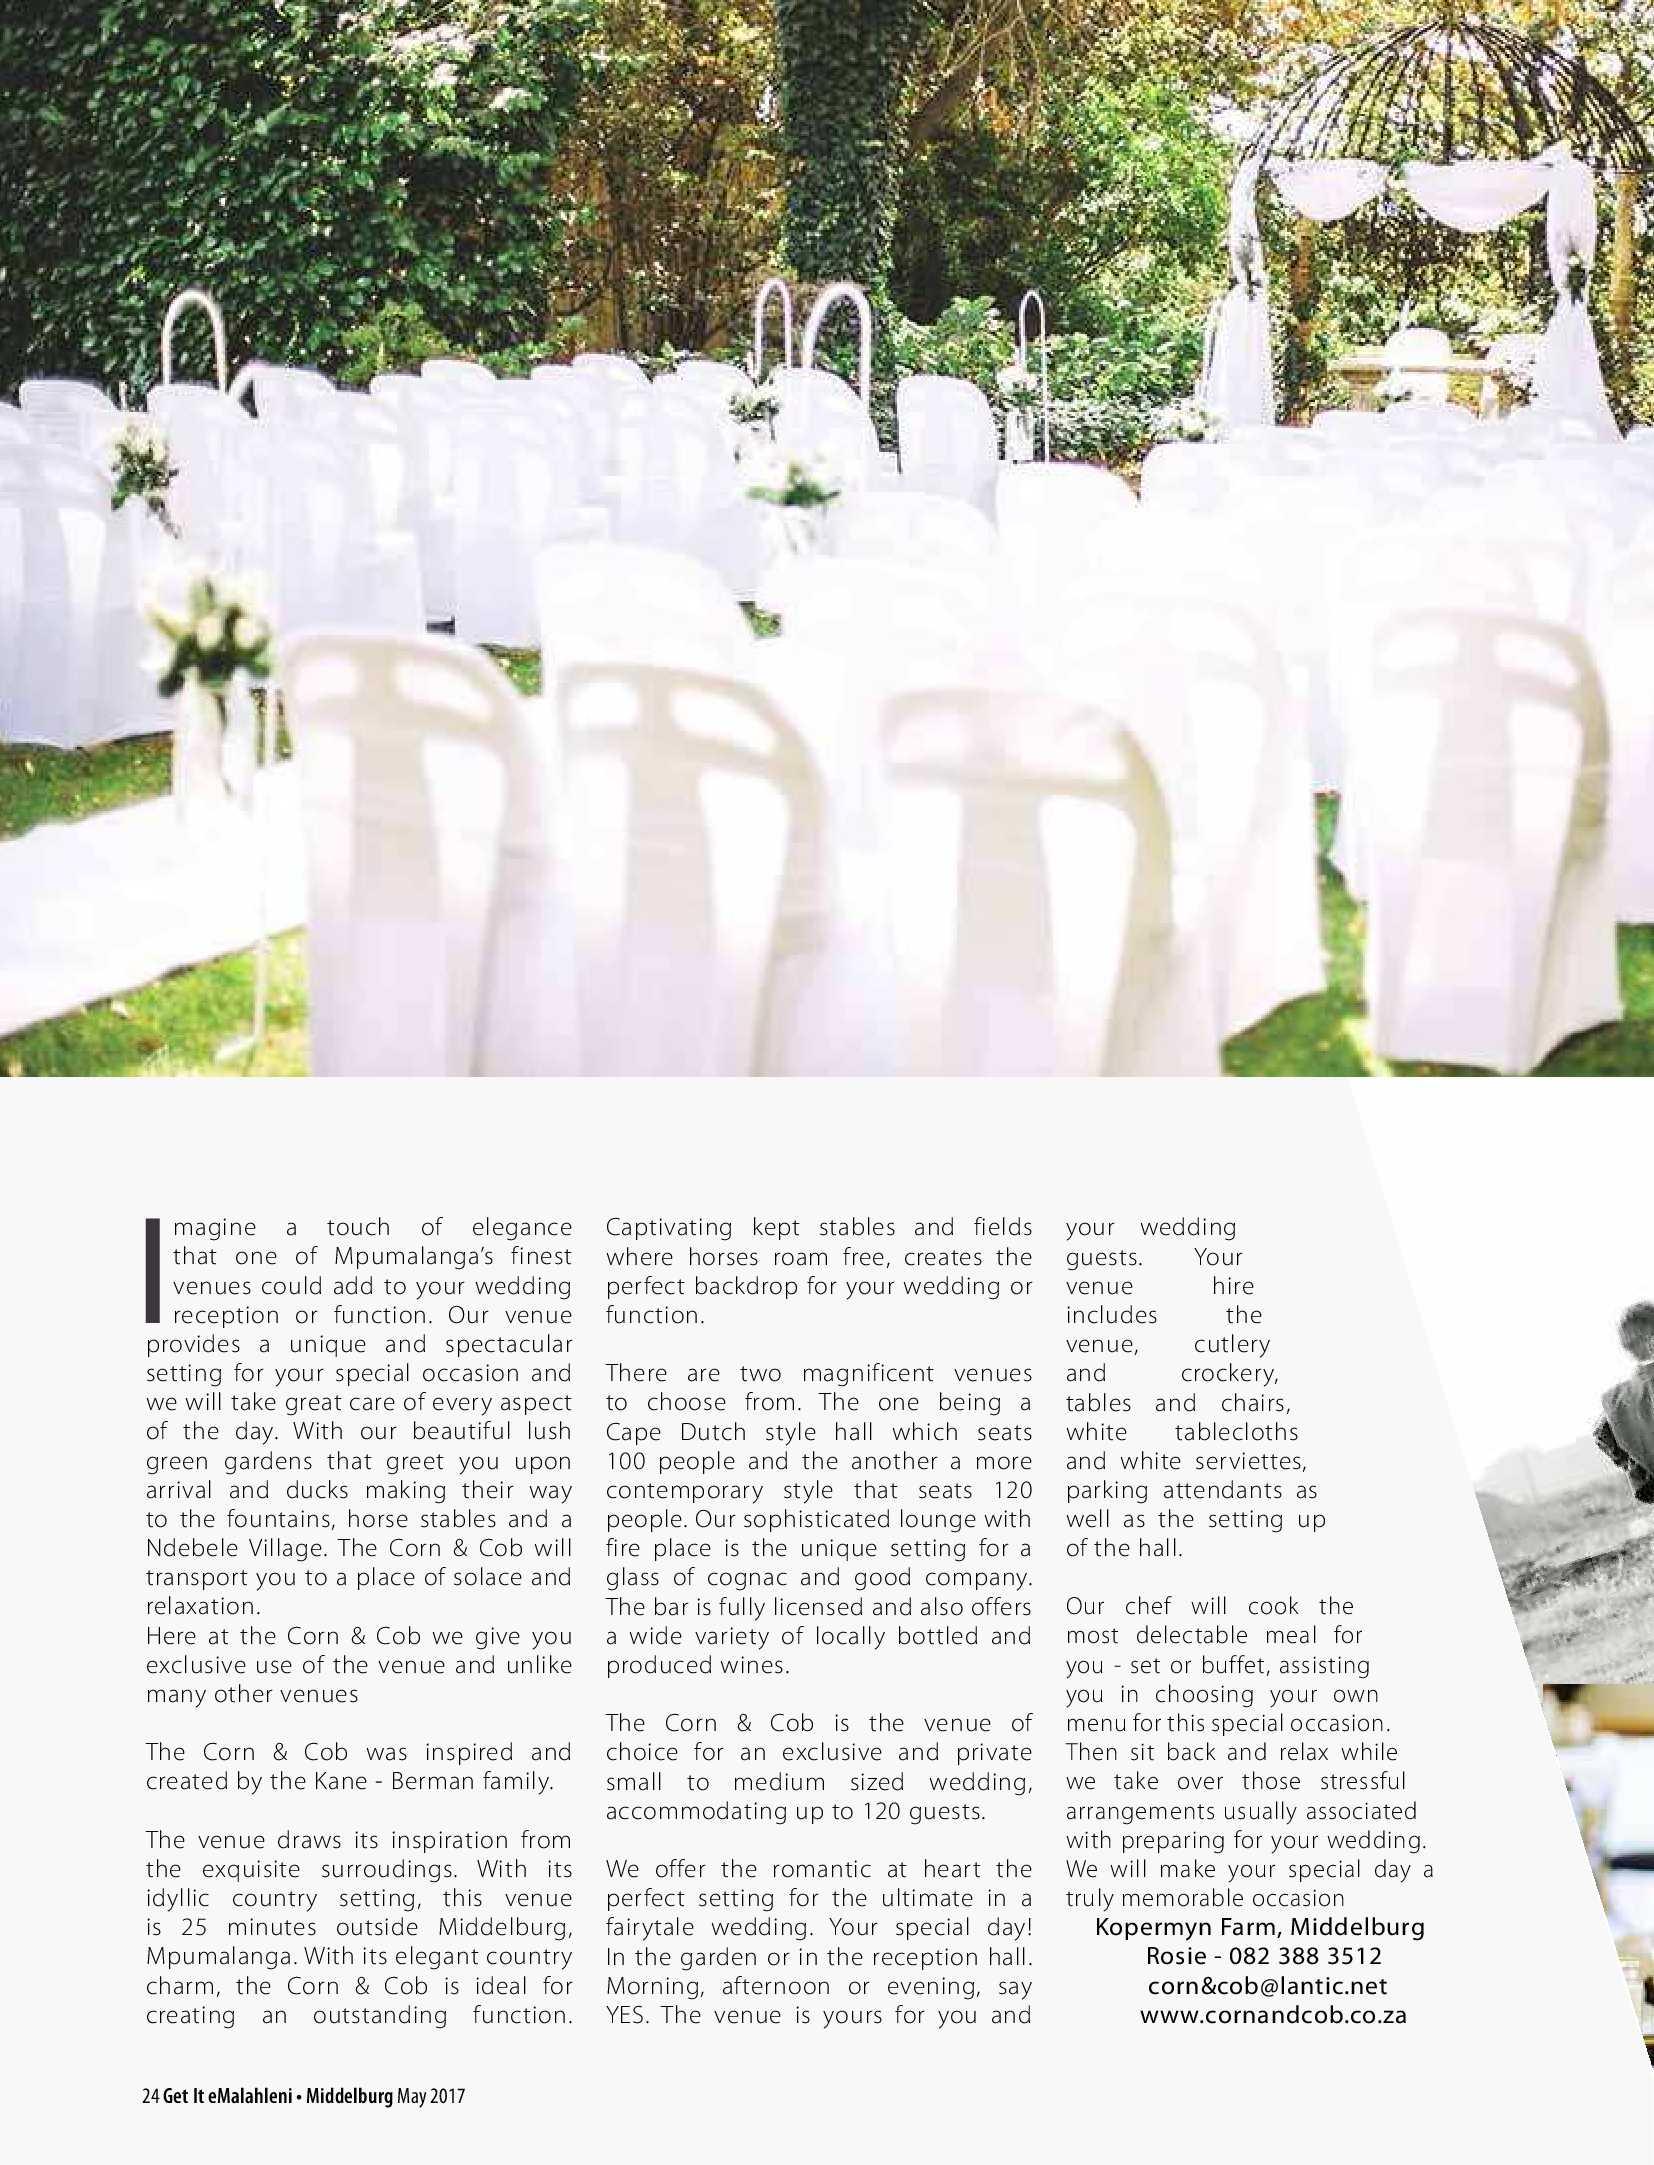 get-middelburg-may-2017-epapers-page-26